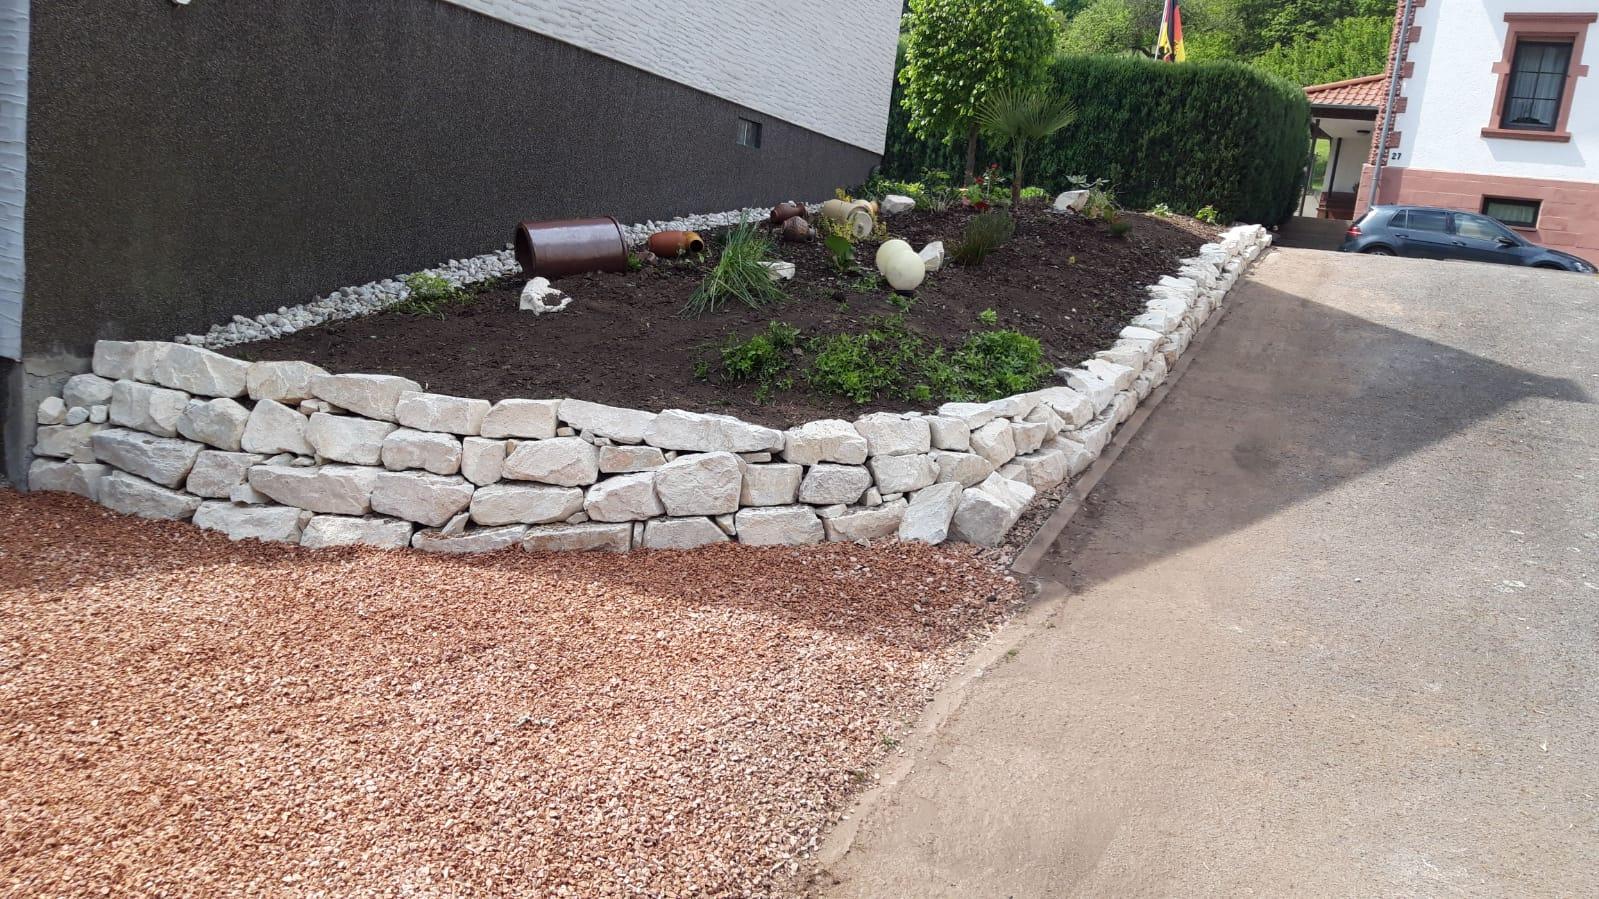 Neubau Blumenbeet mit Natursteinen